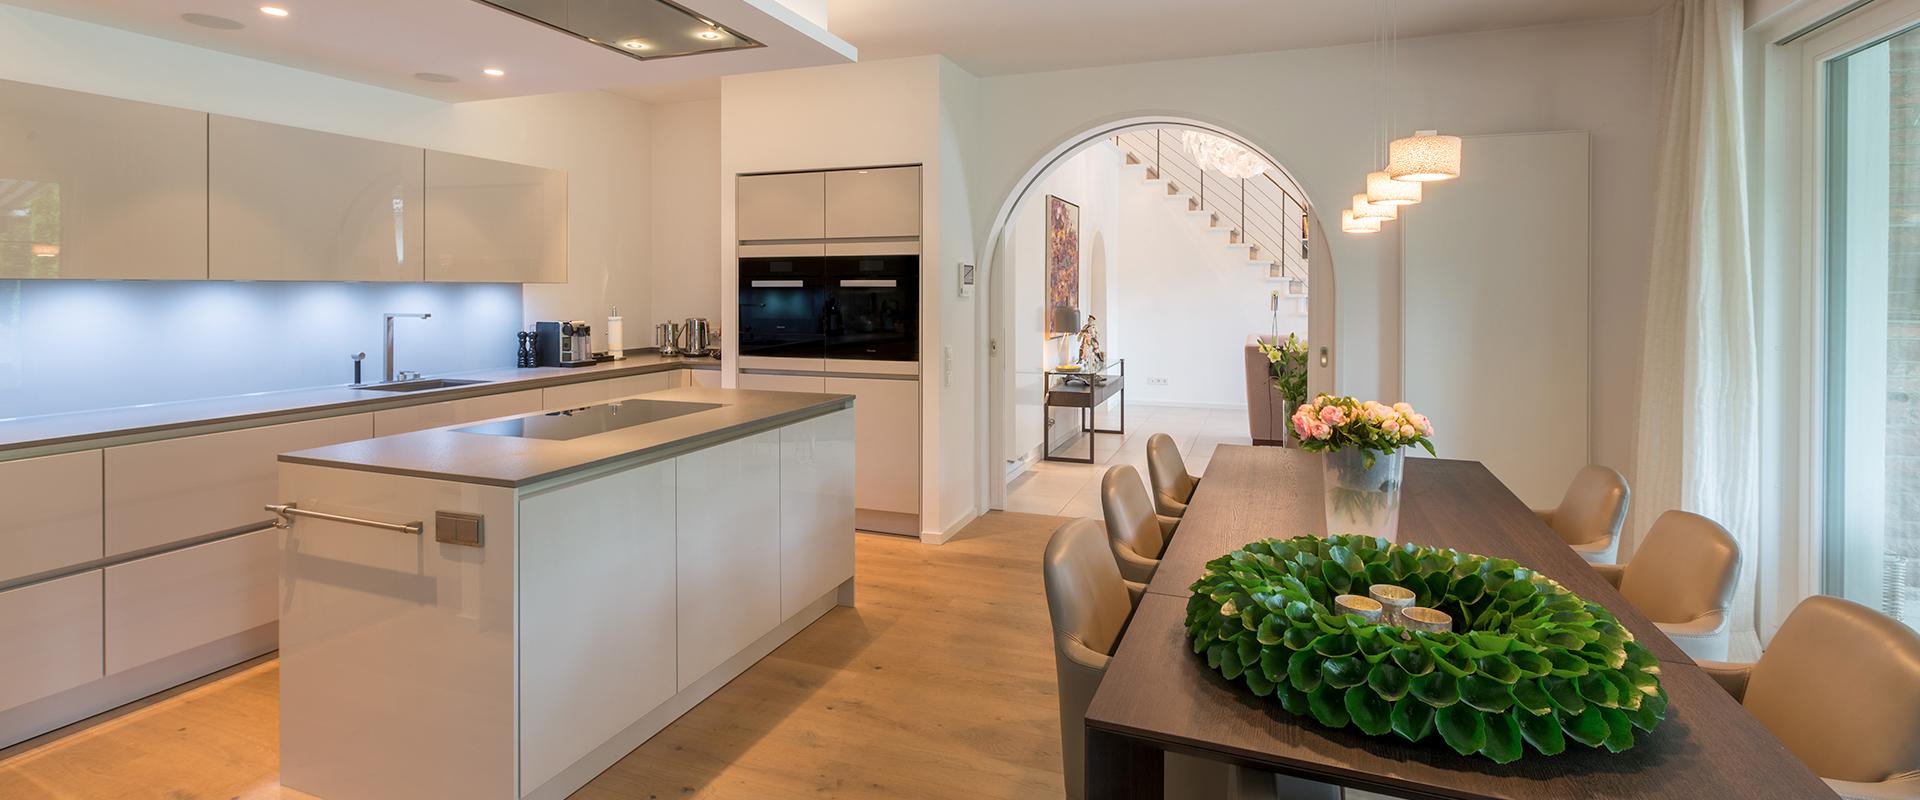 Homestory: Küche und Esszimmer wurden von Hans G. Bock an neuer Stelle installiert inklusive Neuplanung aller Leitungen und Elektrik.